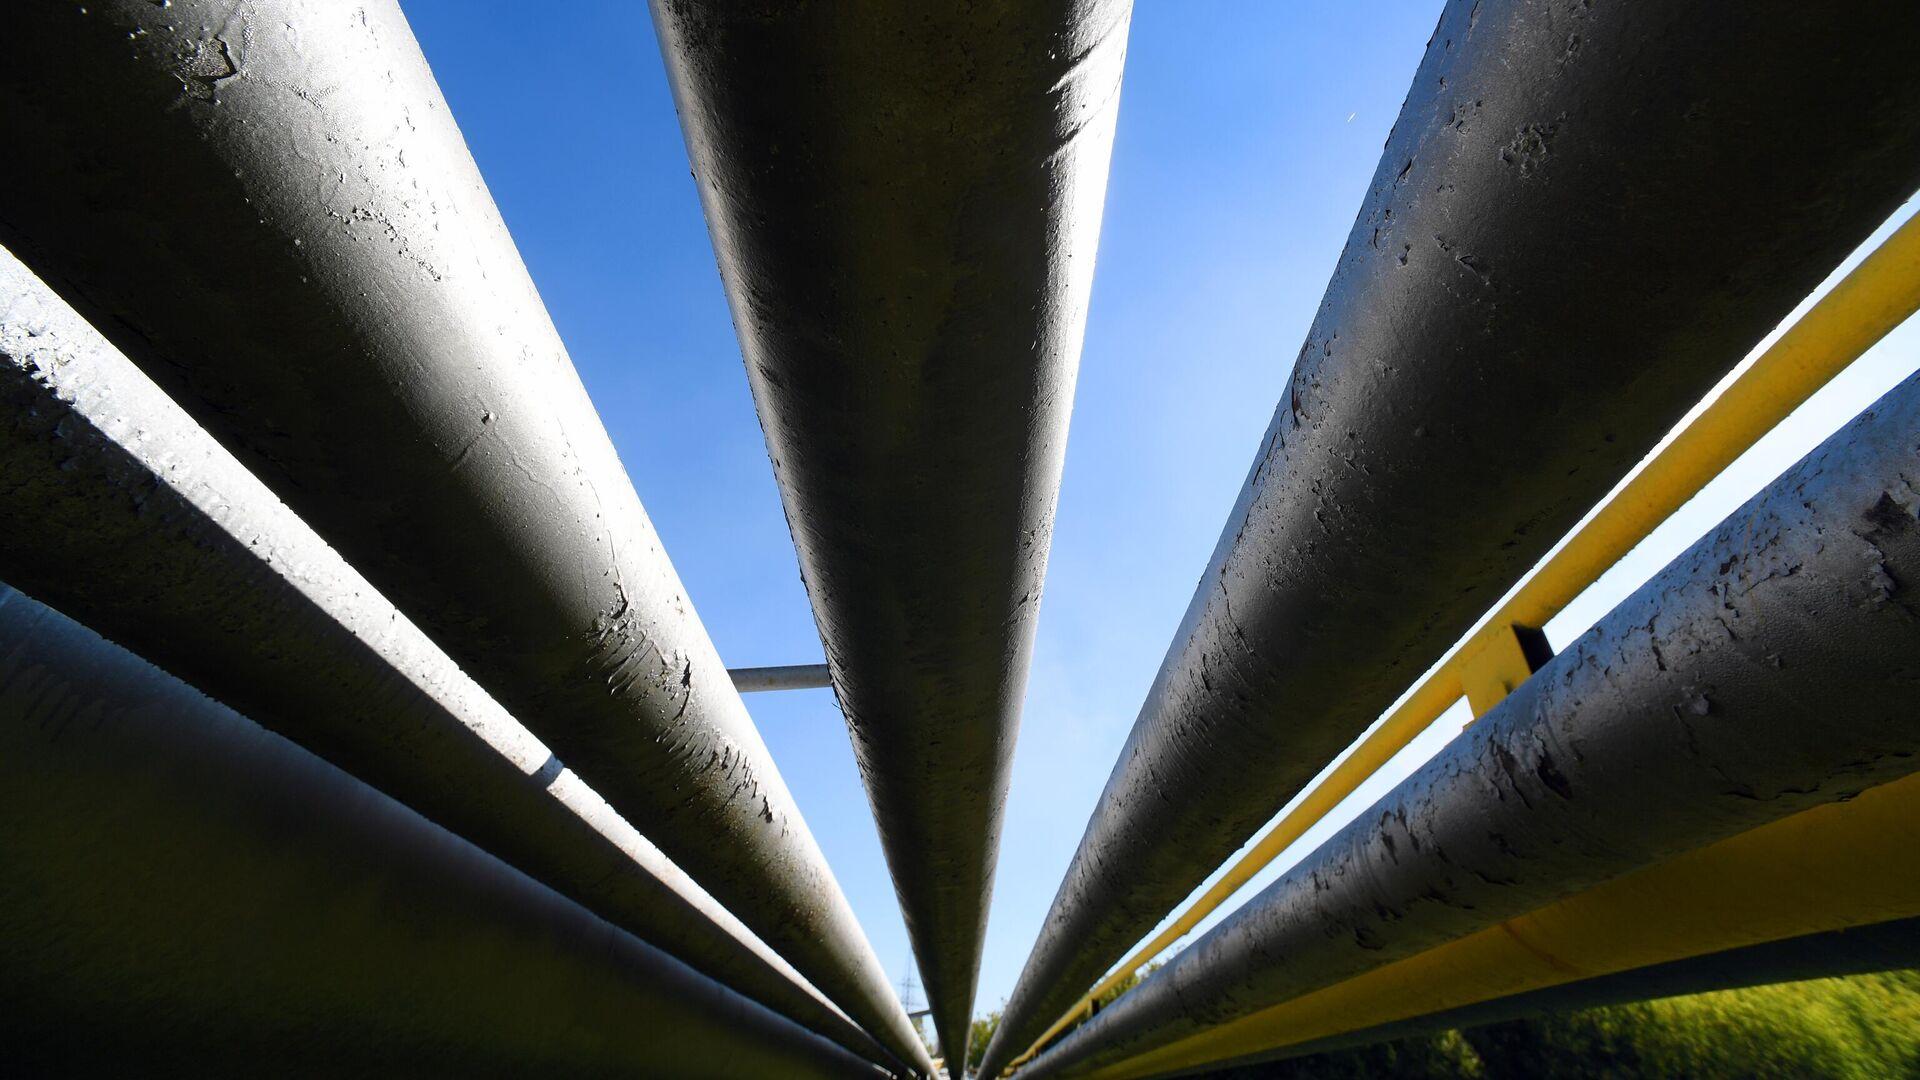 Газопровод высокого давления от ГРС №2 Елабуга Центральная - ПАО Нижнекамскнефтехим - РИА Новости, 1920, 01.10.2021